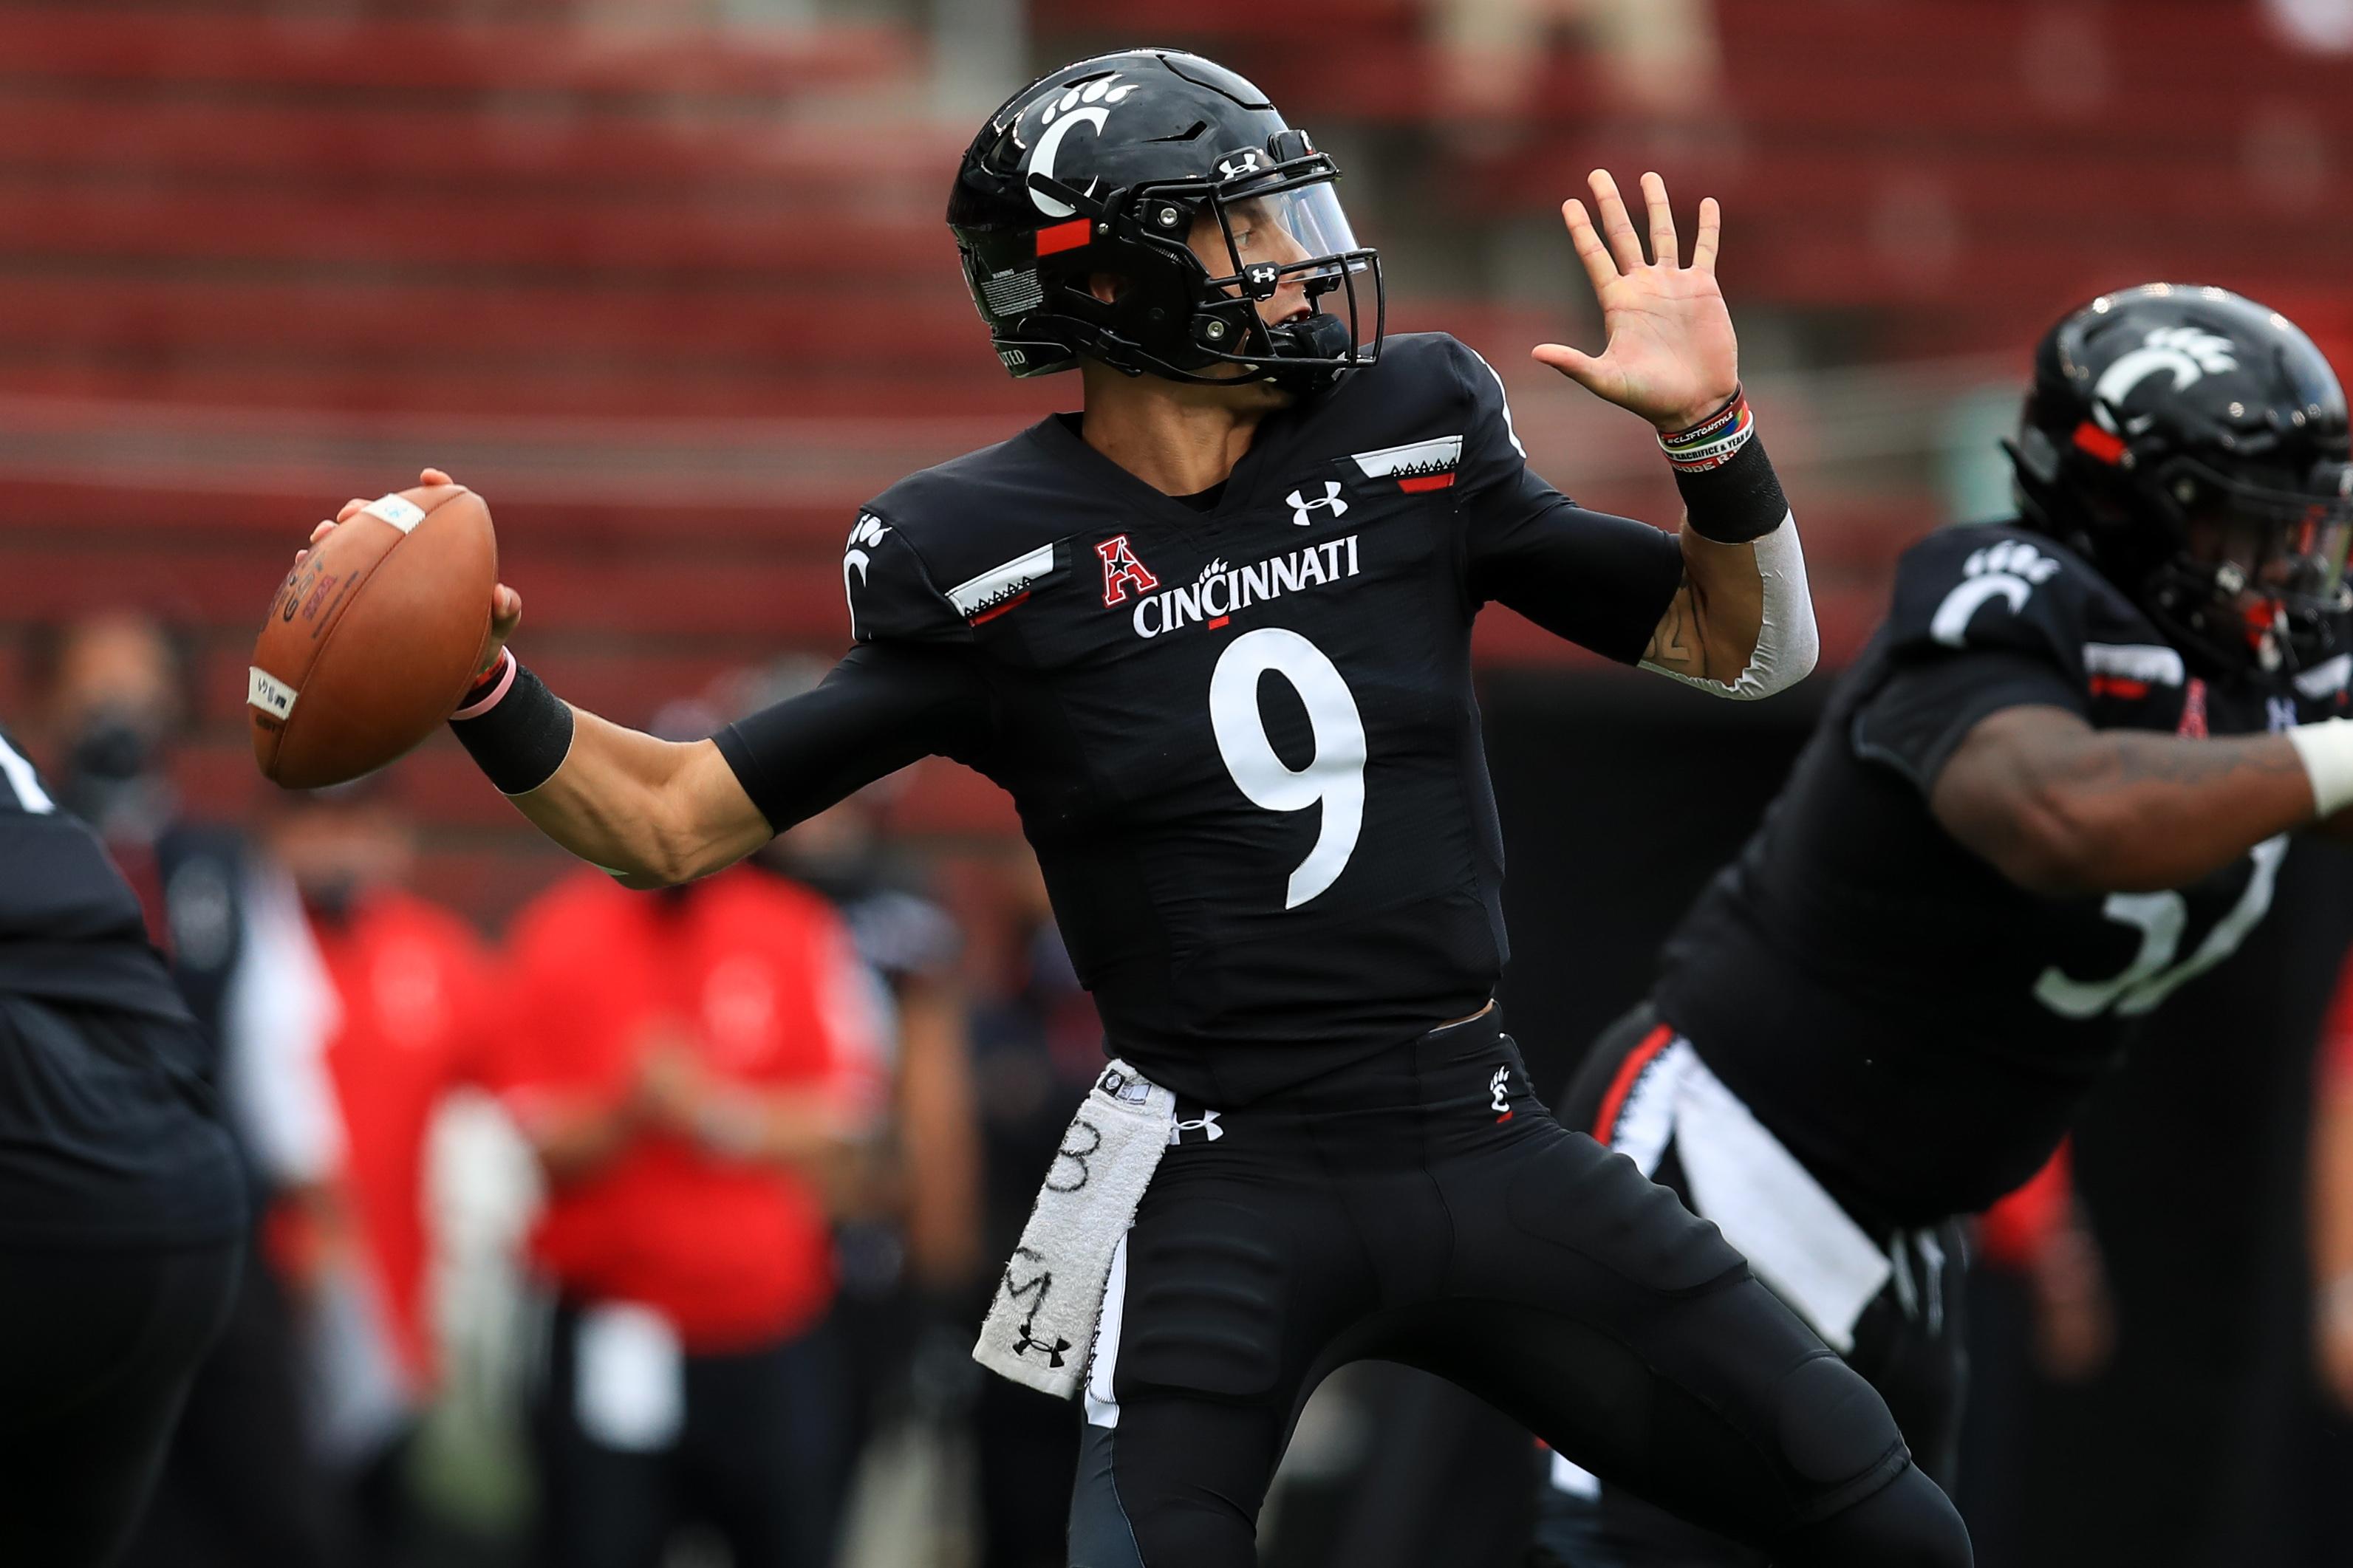 NCAA Football: Army at Cincinnati